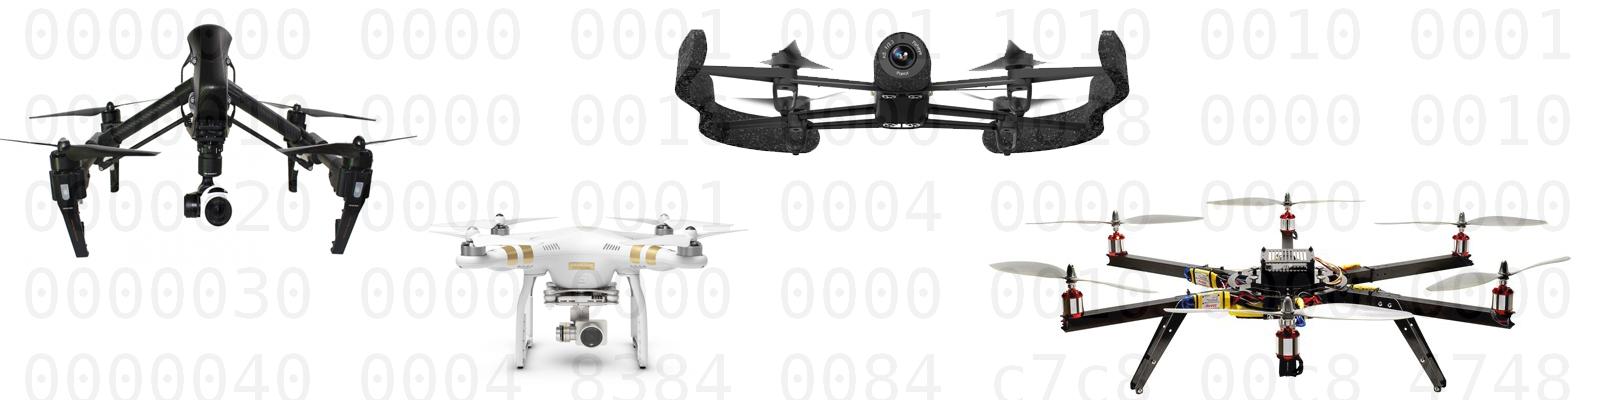 Drones-header.png